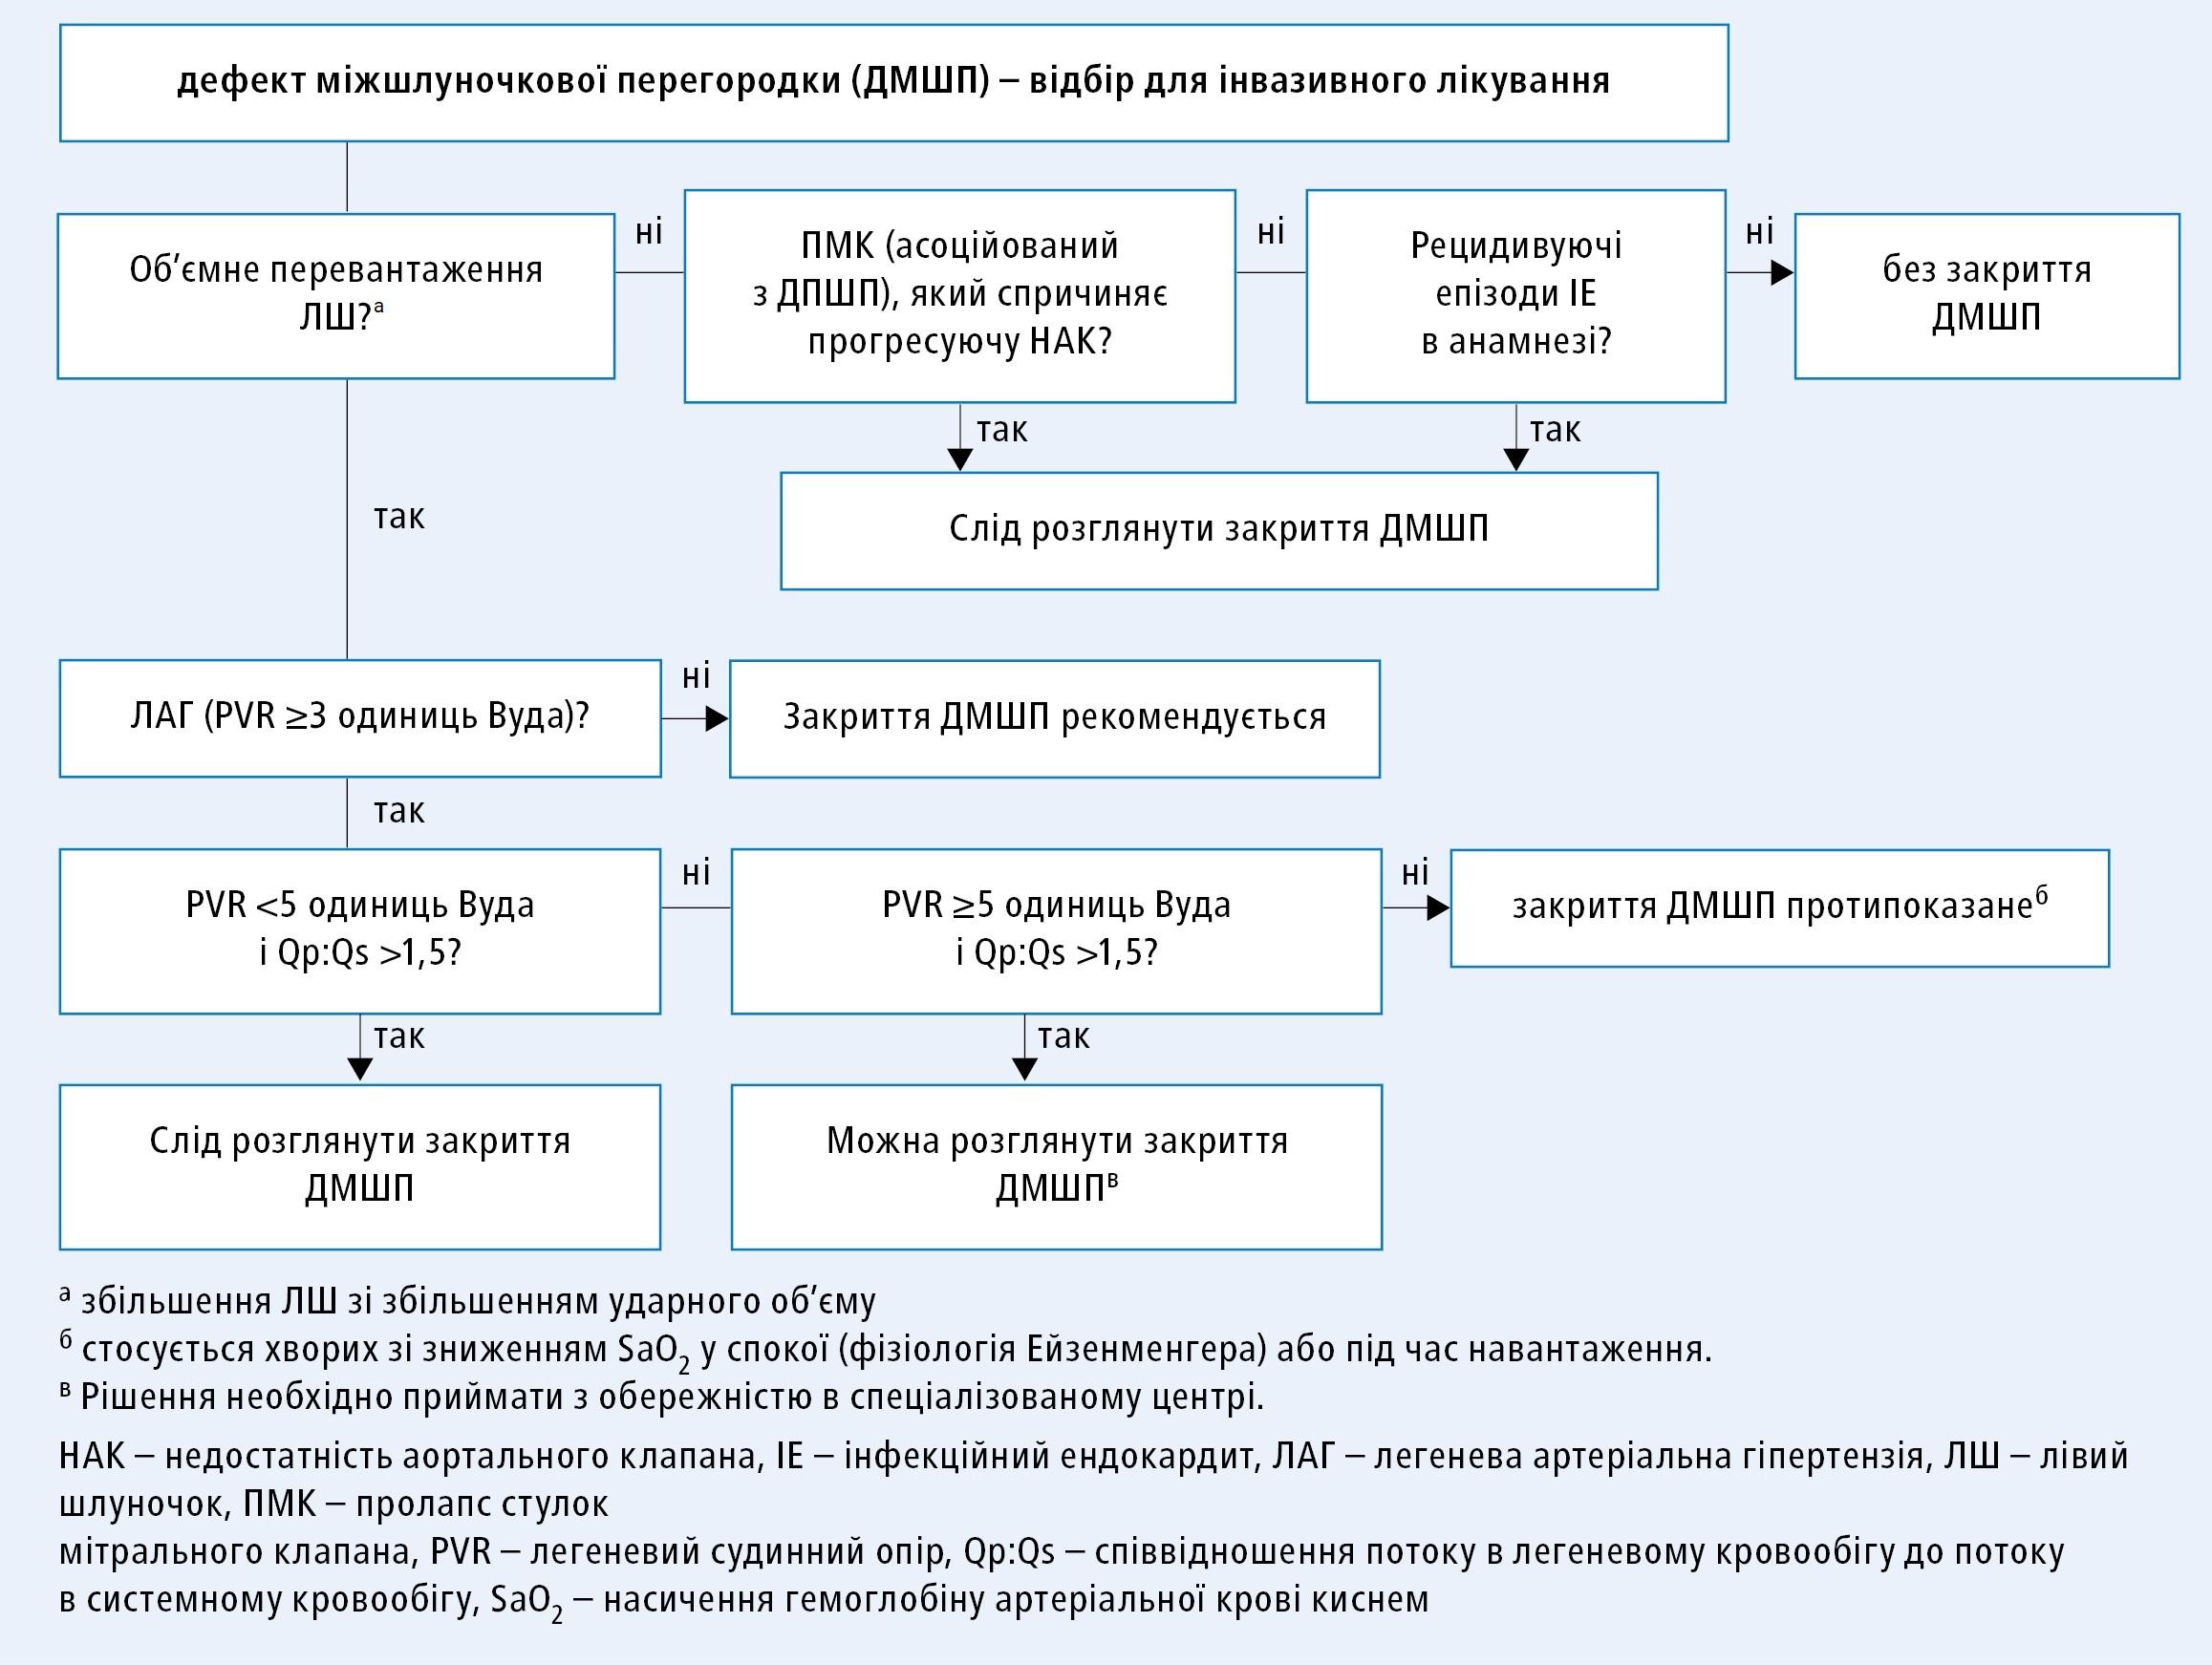 Алгоритм прийняття рішення щодо інвазивного лікування дефекту міжшлуночкової перегородки (згідно зклінічними настановами ESC 2020, модифіковано)